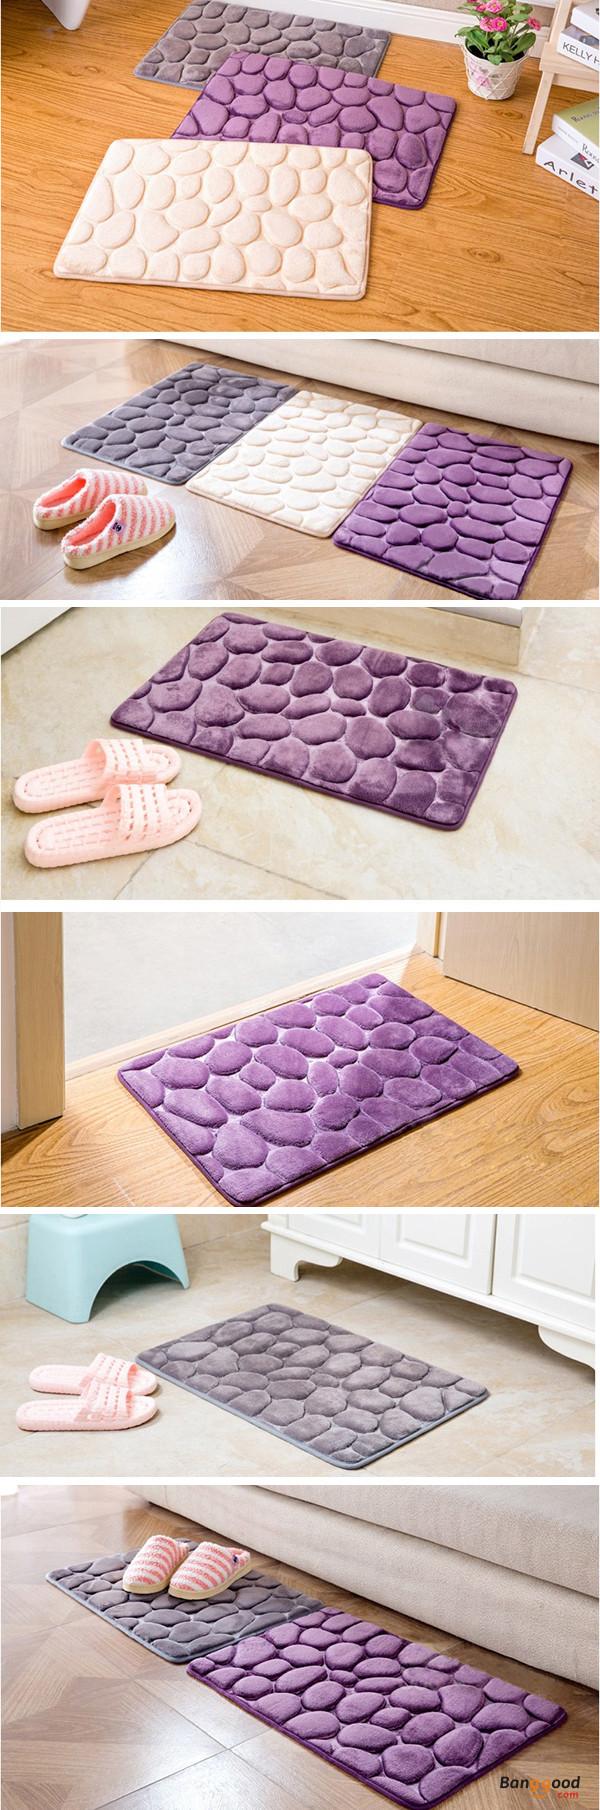 Honana BX D Pebbles Bath Rug Natural Absorbent Rubber Bath - Lilac bath mat for bathroom decorating ideas